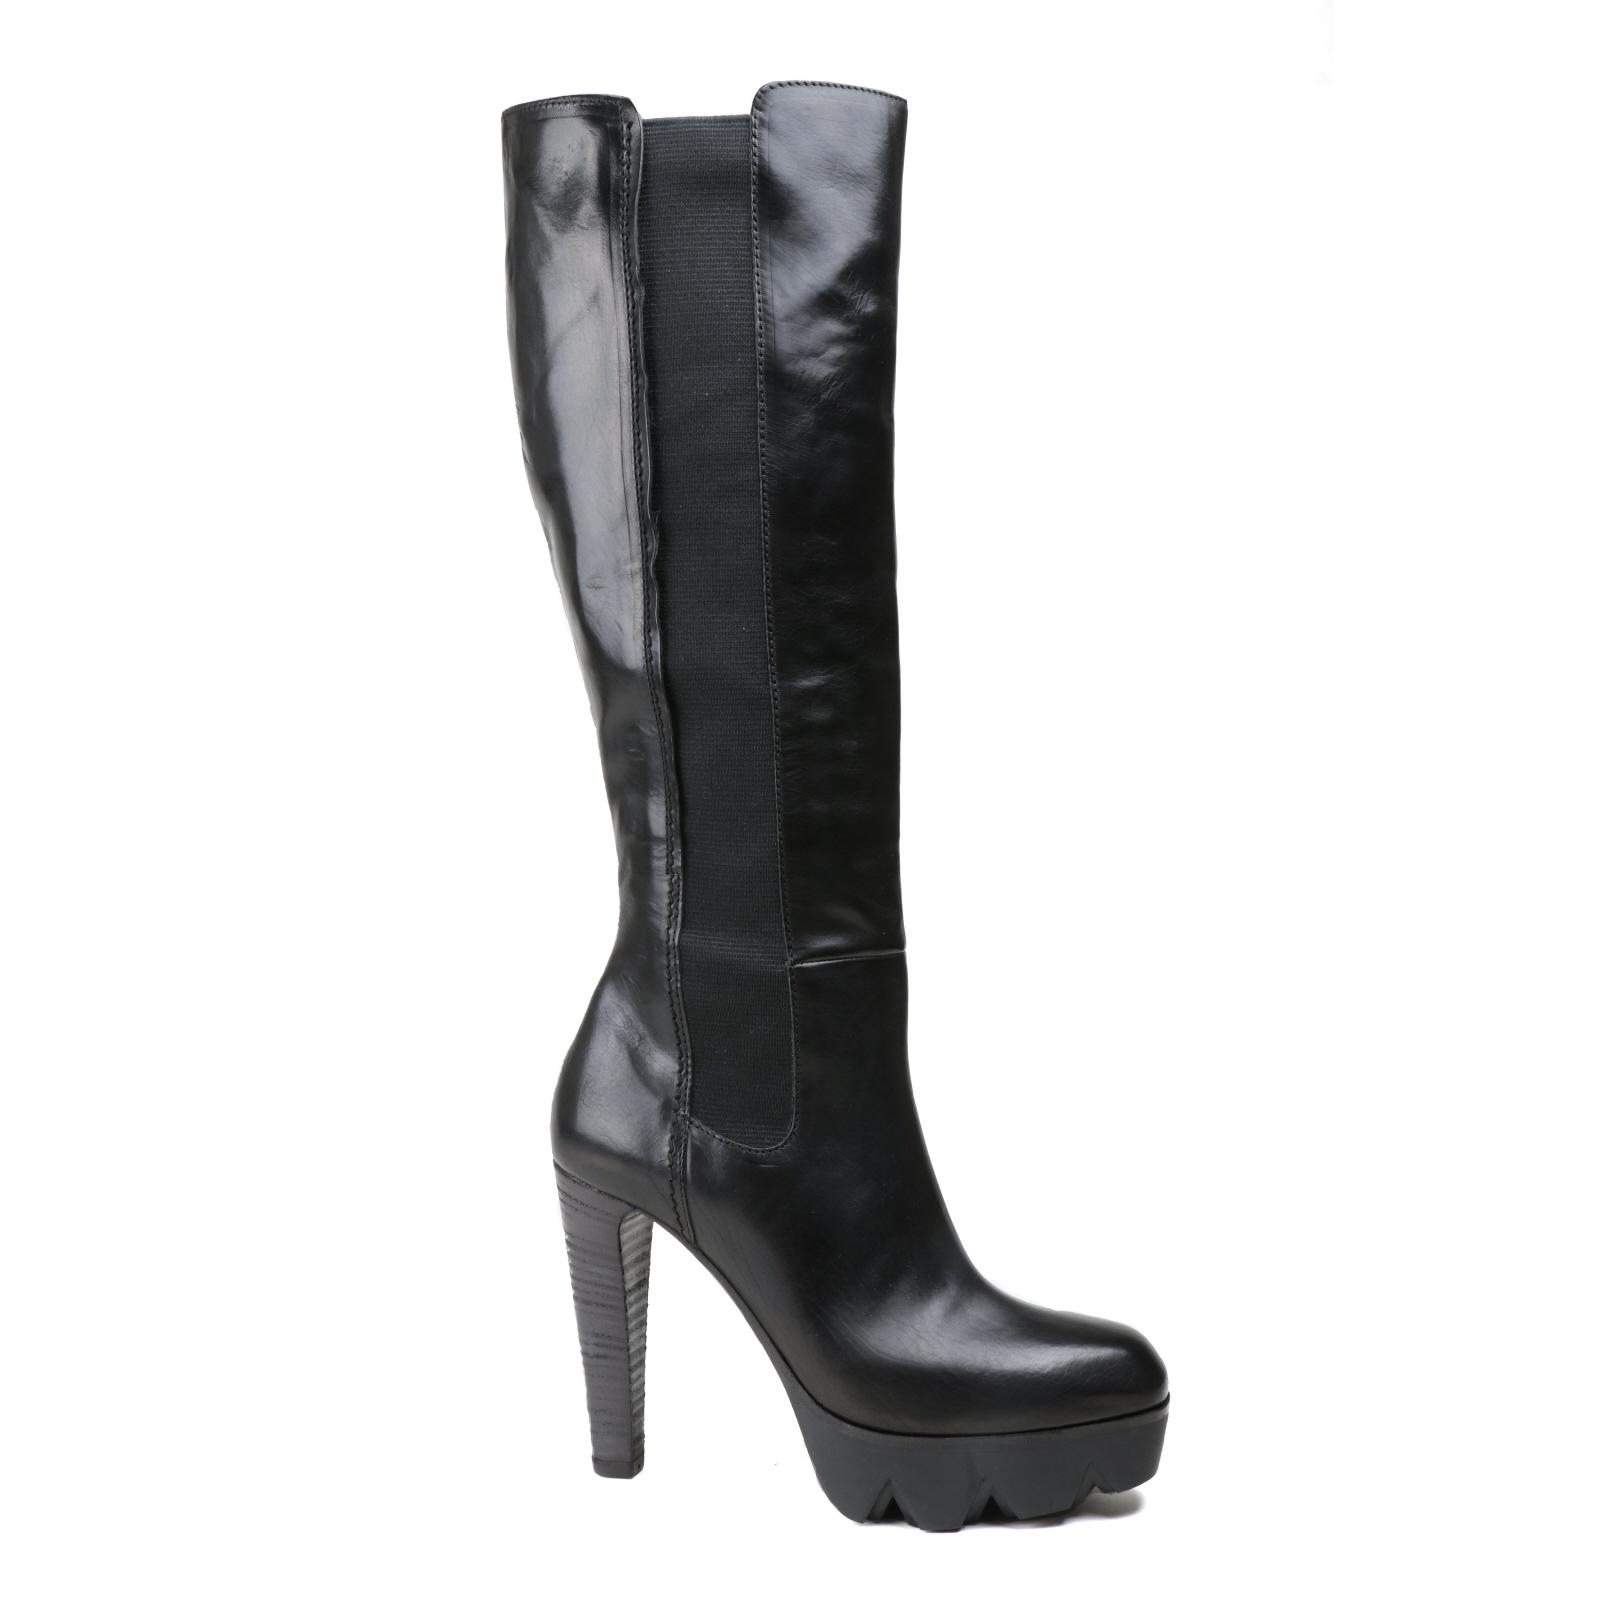 Señora botas Vic genuina suela plataforma negro cuero liso nuevo